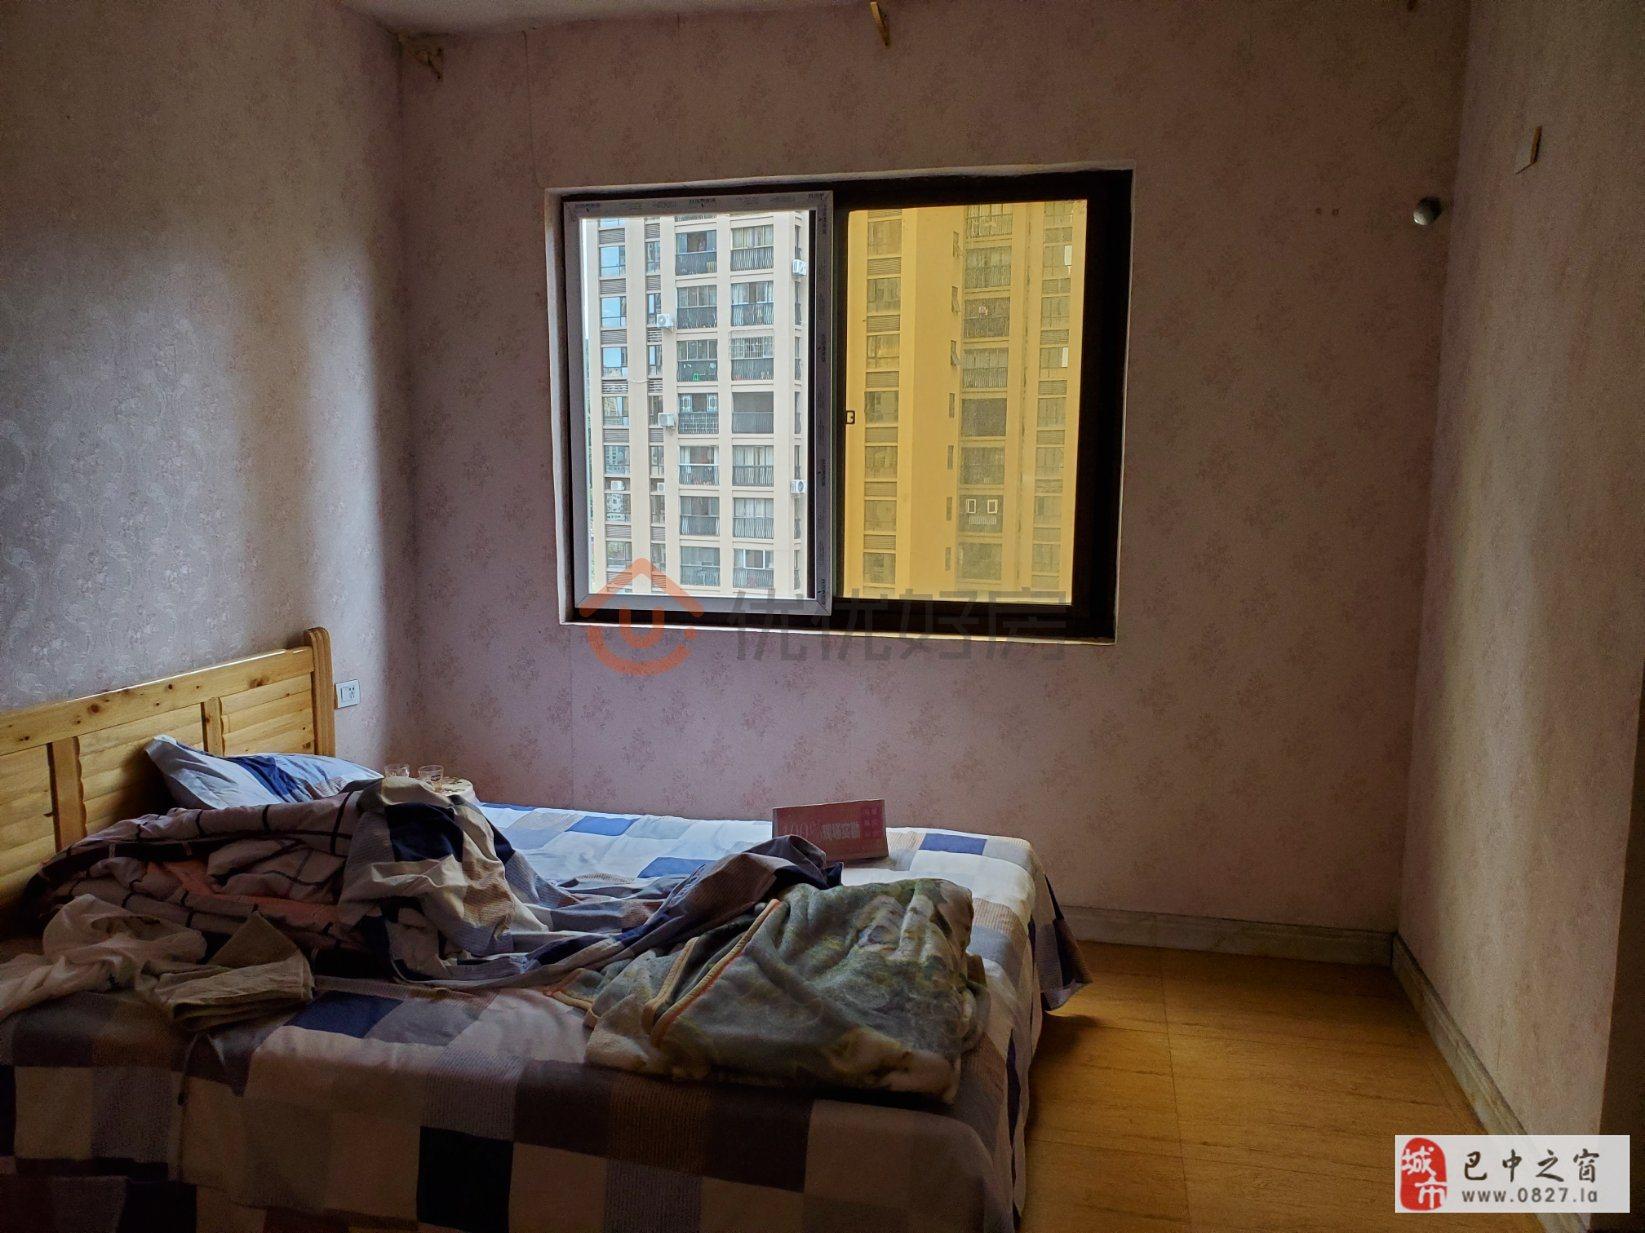 汇鑫·浅水湾广场(浅水湾)2室2厅1卫41.5万元